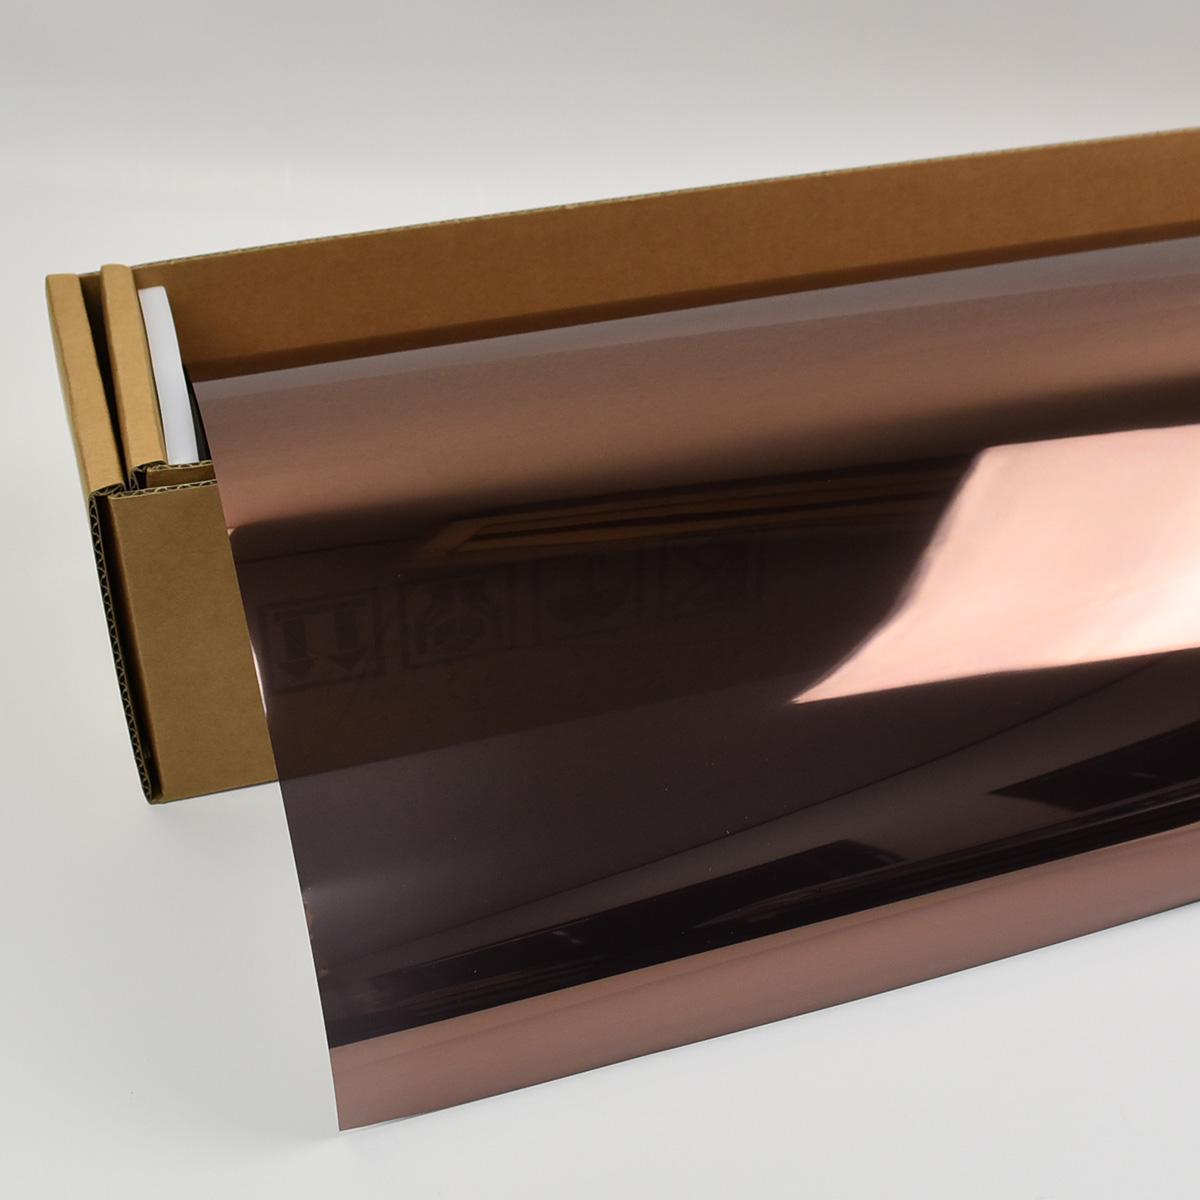 HPブロンズメタル10 10% 50cm幅 x #HP10BR20 窓ガラスフィルム 30mロール箱売 Roll# 上質 初売り